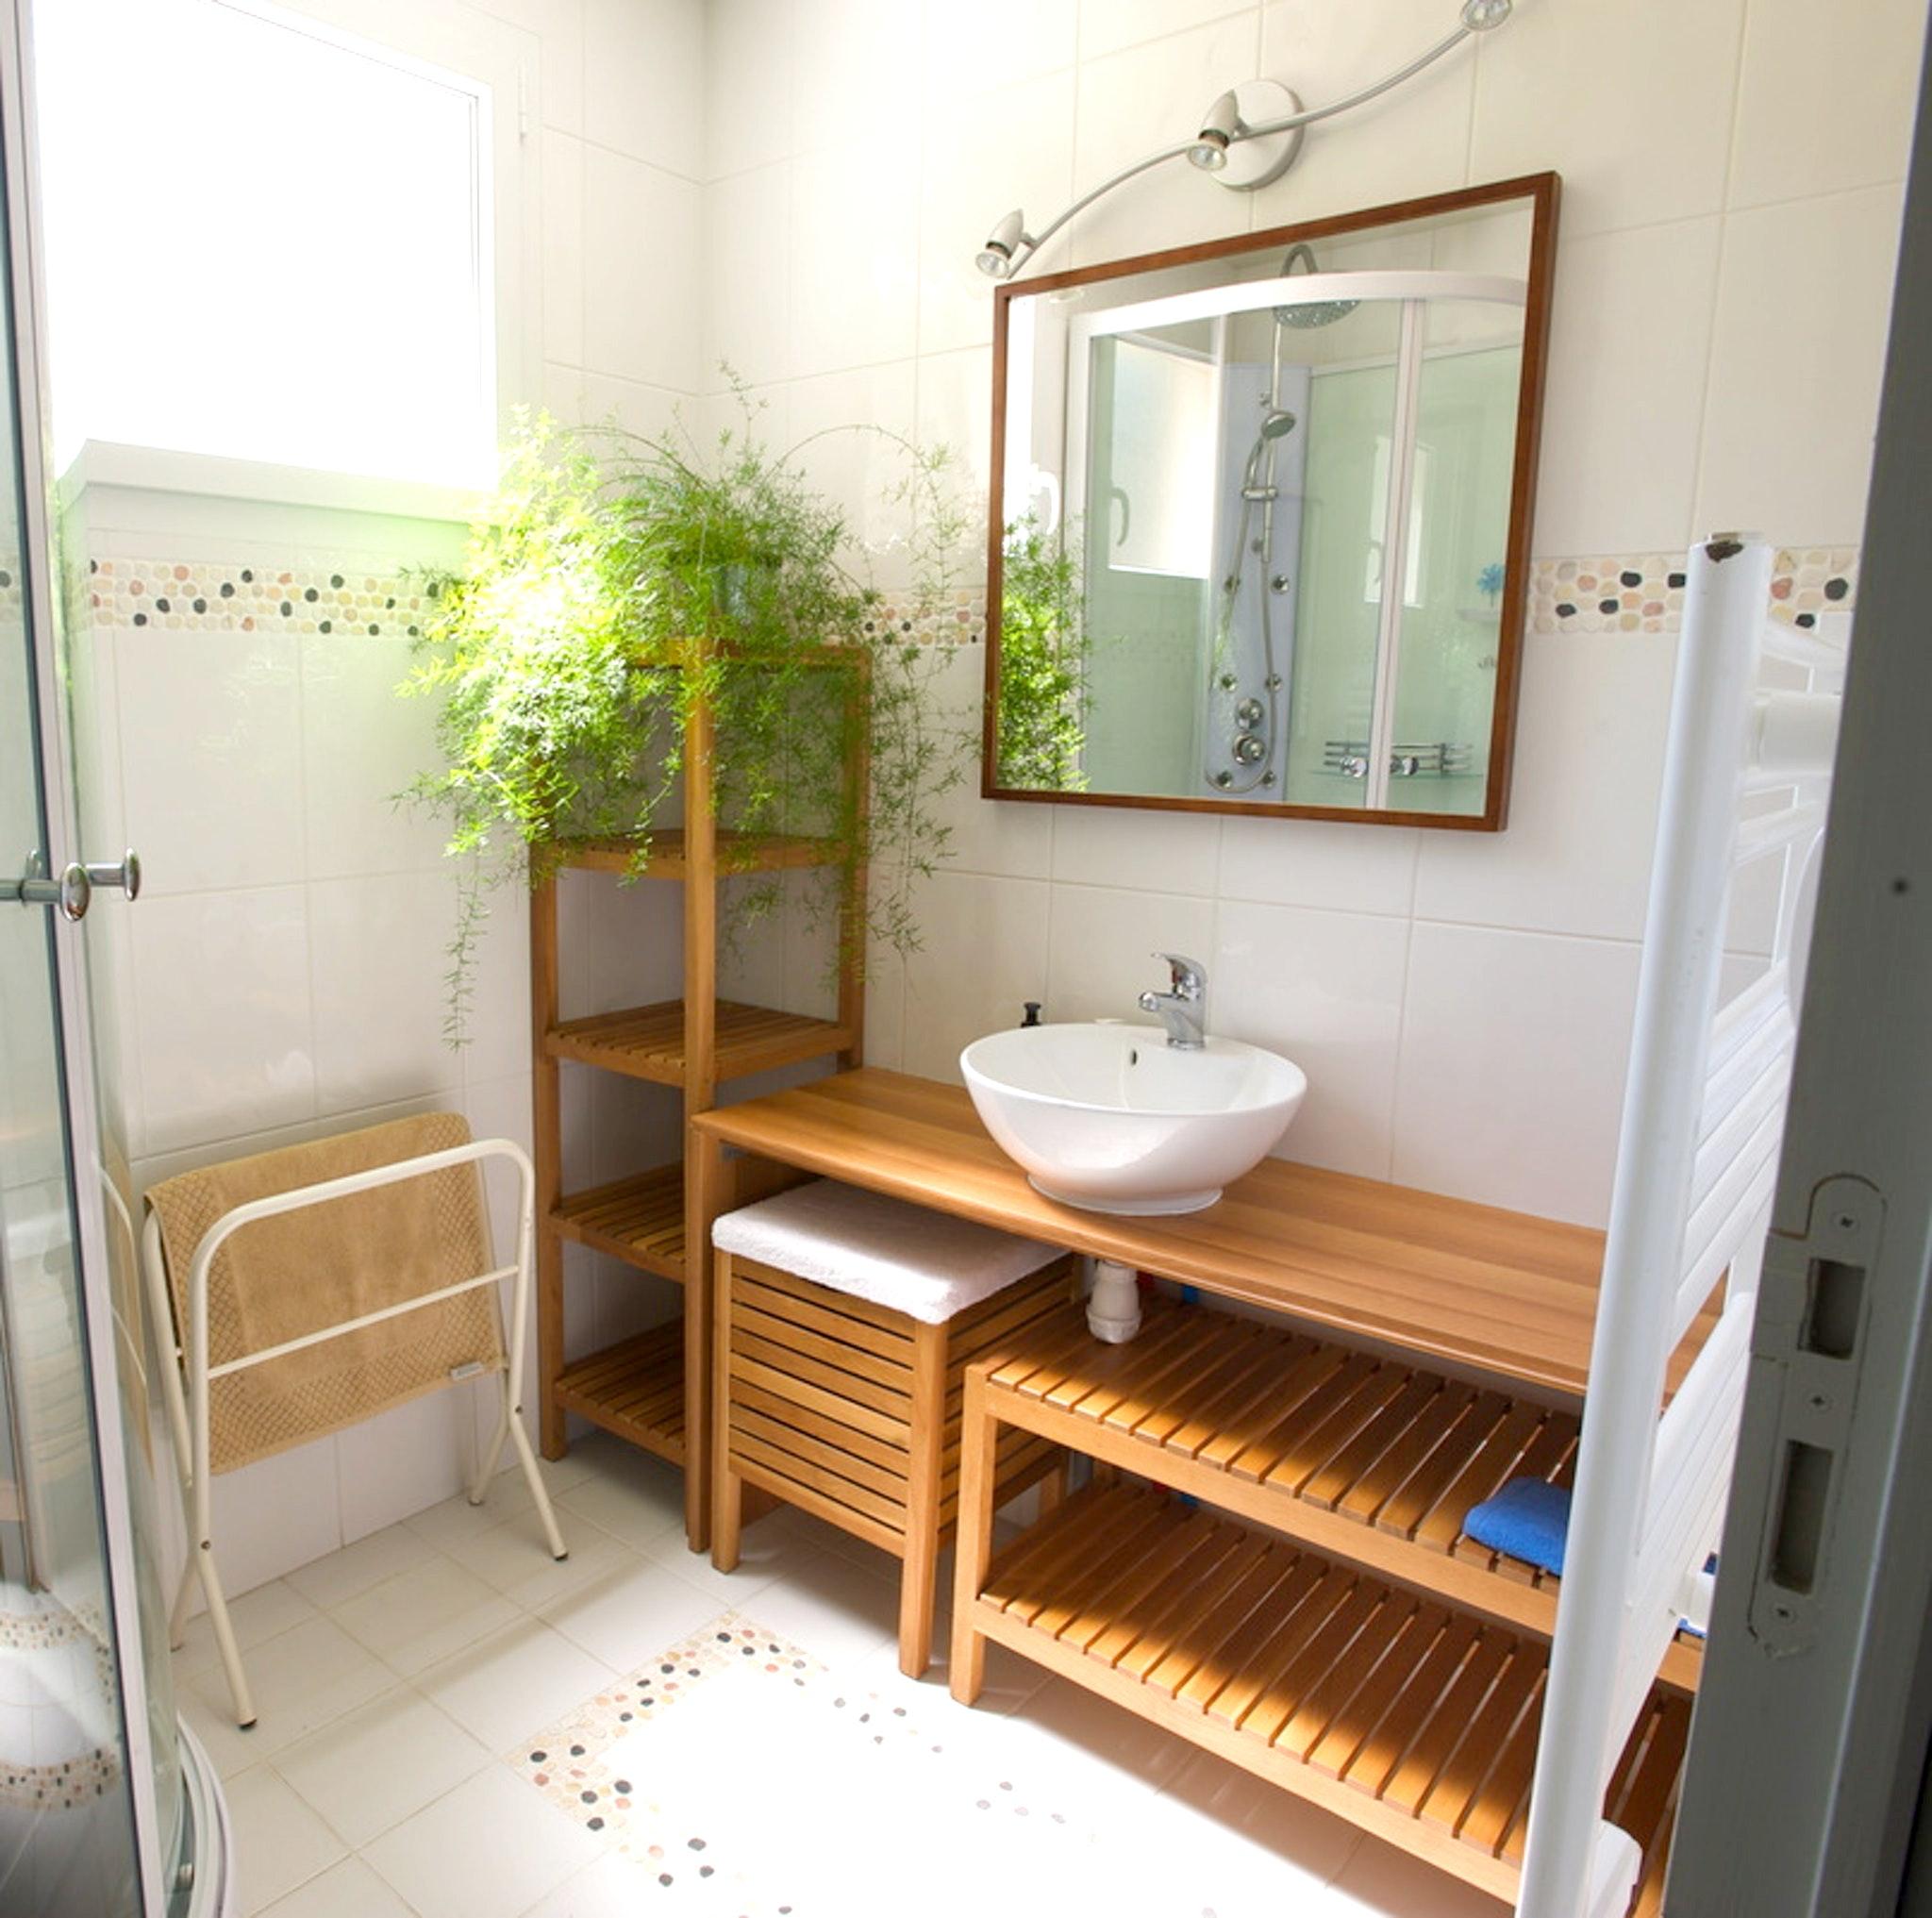 Maison de vacances Haus mit 2 Schlafzimmern in Villard-Saint-Sauveur mit toller Aussicht auf die Berge und ei (2704040), Villard sur Bienne, Jura, Franche-Comté, France, image 5